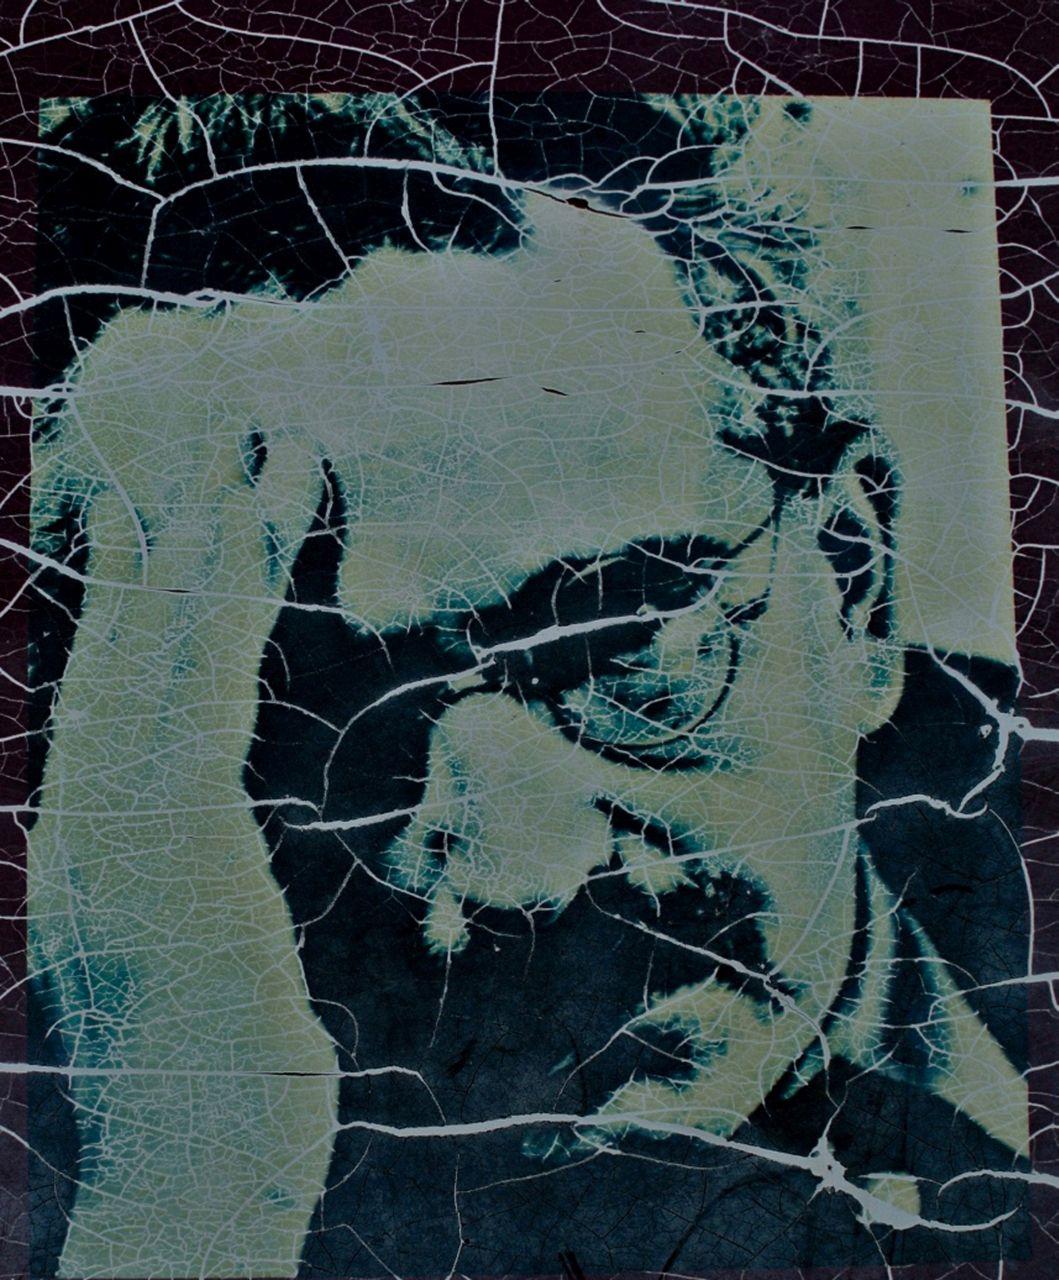 Das verwitterte Porträt Walter Benjamins auf einer Infotafel des katalanischen Memorial Democràtic(Foto: Verena Boos)